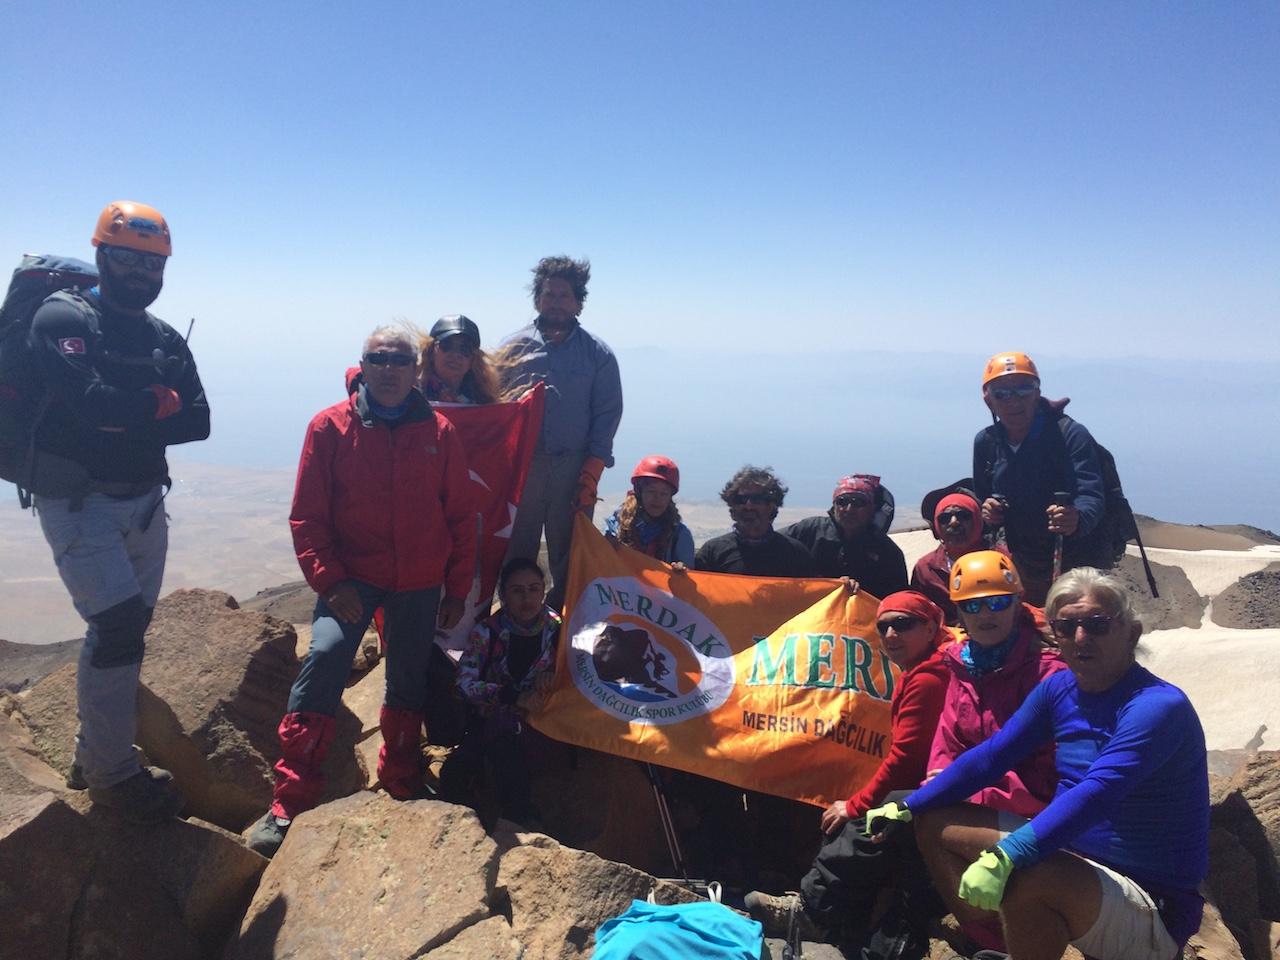 MERDAK Nemrut Krater Gölü / Süphan Dağı Zirve Tırmanışı ve Van Gölü Havzası Kültür Turu gerçekleştirdi.